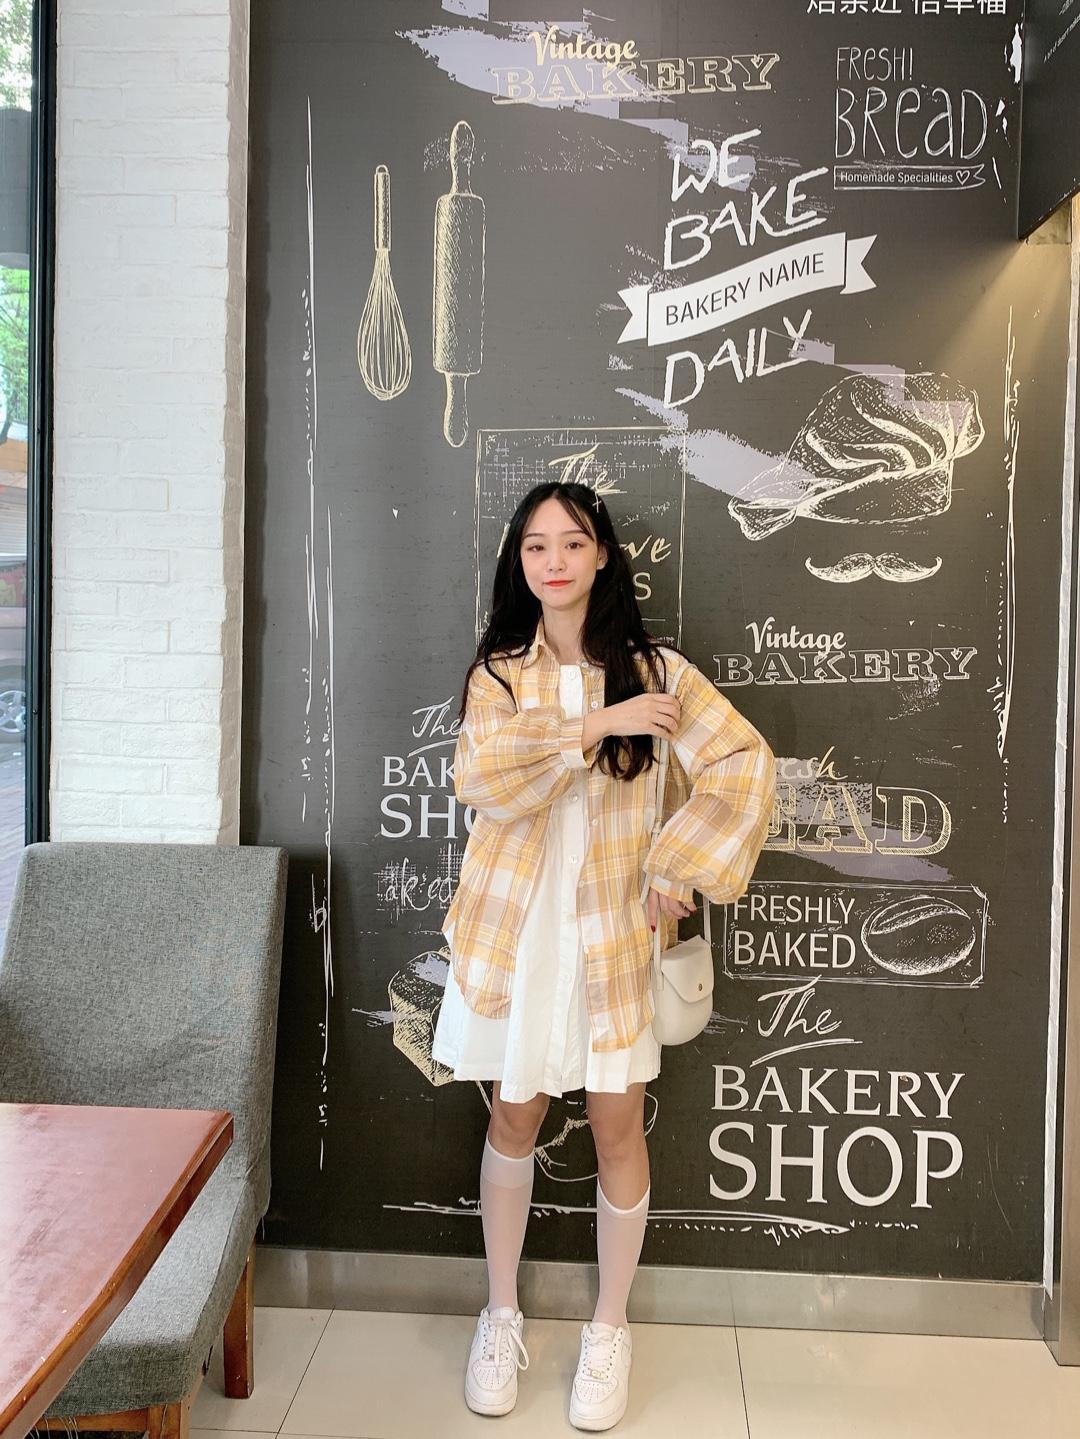 #换季吸睛:百搭长袖衫上线# 衬衫💛 很美的黄格衬衫,显白一级棒,宽松的版型挺遮肉的,颜色也是很温油的米黄色,蛮百搭的,夏秋过渡季穿再合适不过了 连衣裙🌫 里面搭了一个白色的连衣裙,也是宽松的版型,遮肉显瘦它在行 包包◻️ 又是这个百搭款,姐妹们安排! 鞋子👟 白色的增高鞋很百搭,小个子mm想增高穿它!